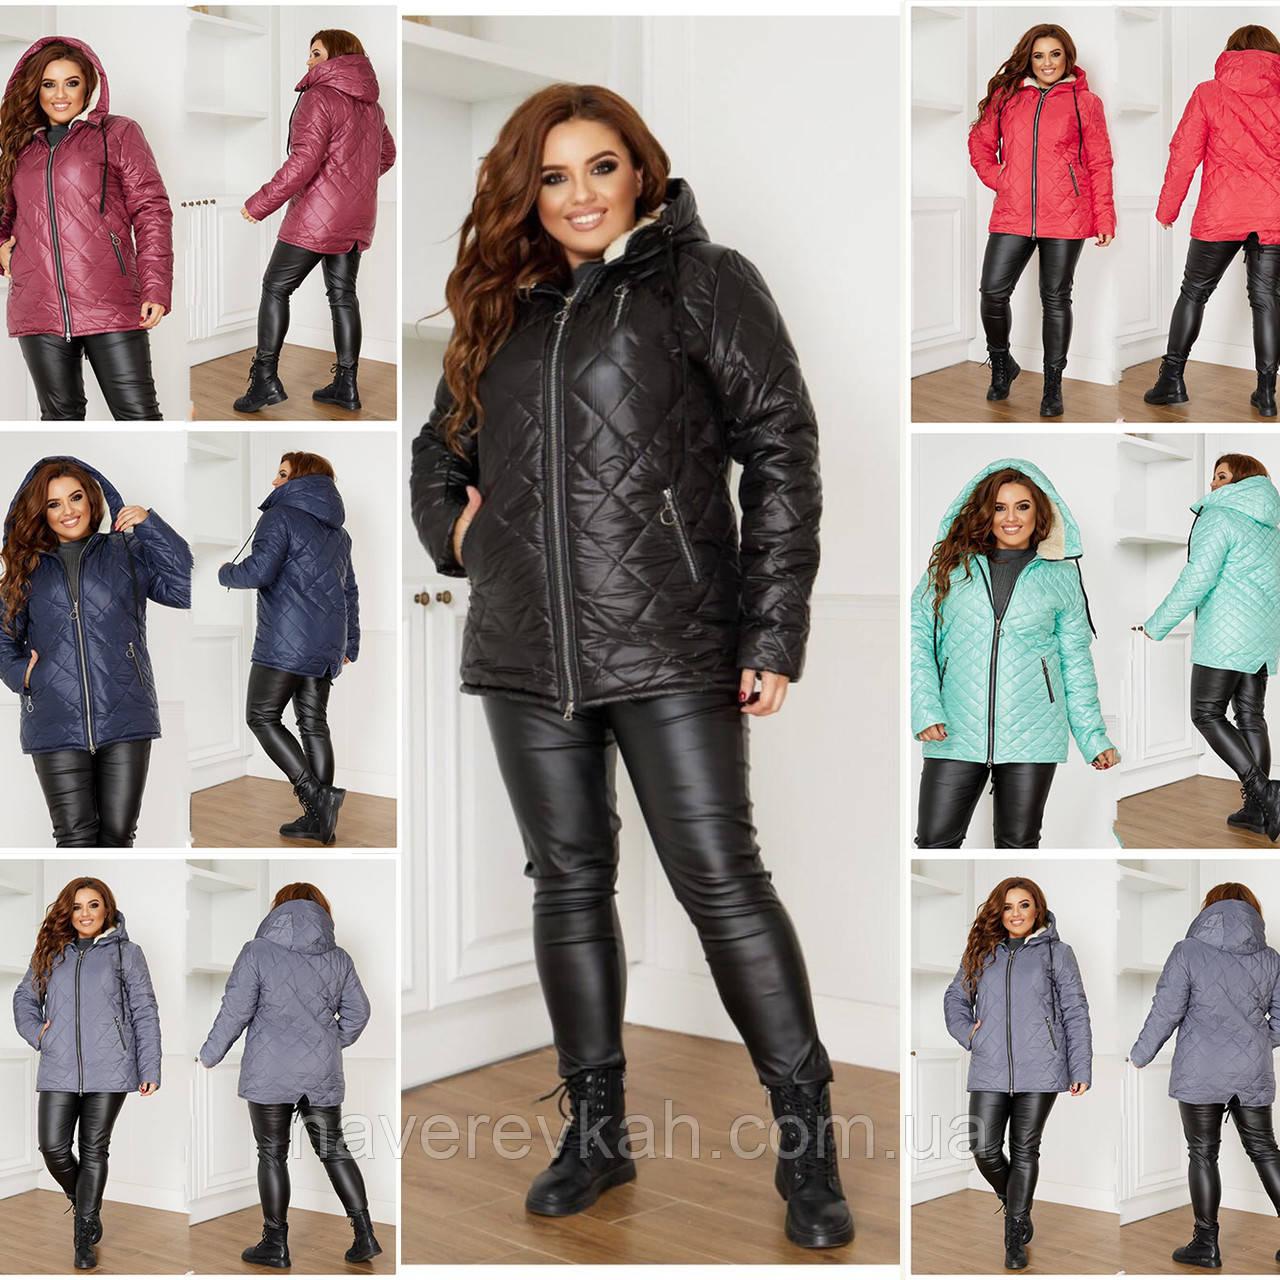 Куртка зимняя теплая бордовая черная серая мятная синяя коралл на овчине 48-50 52-54 56-58 большого размера